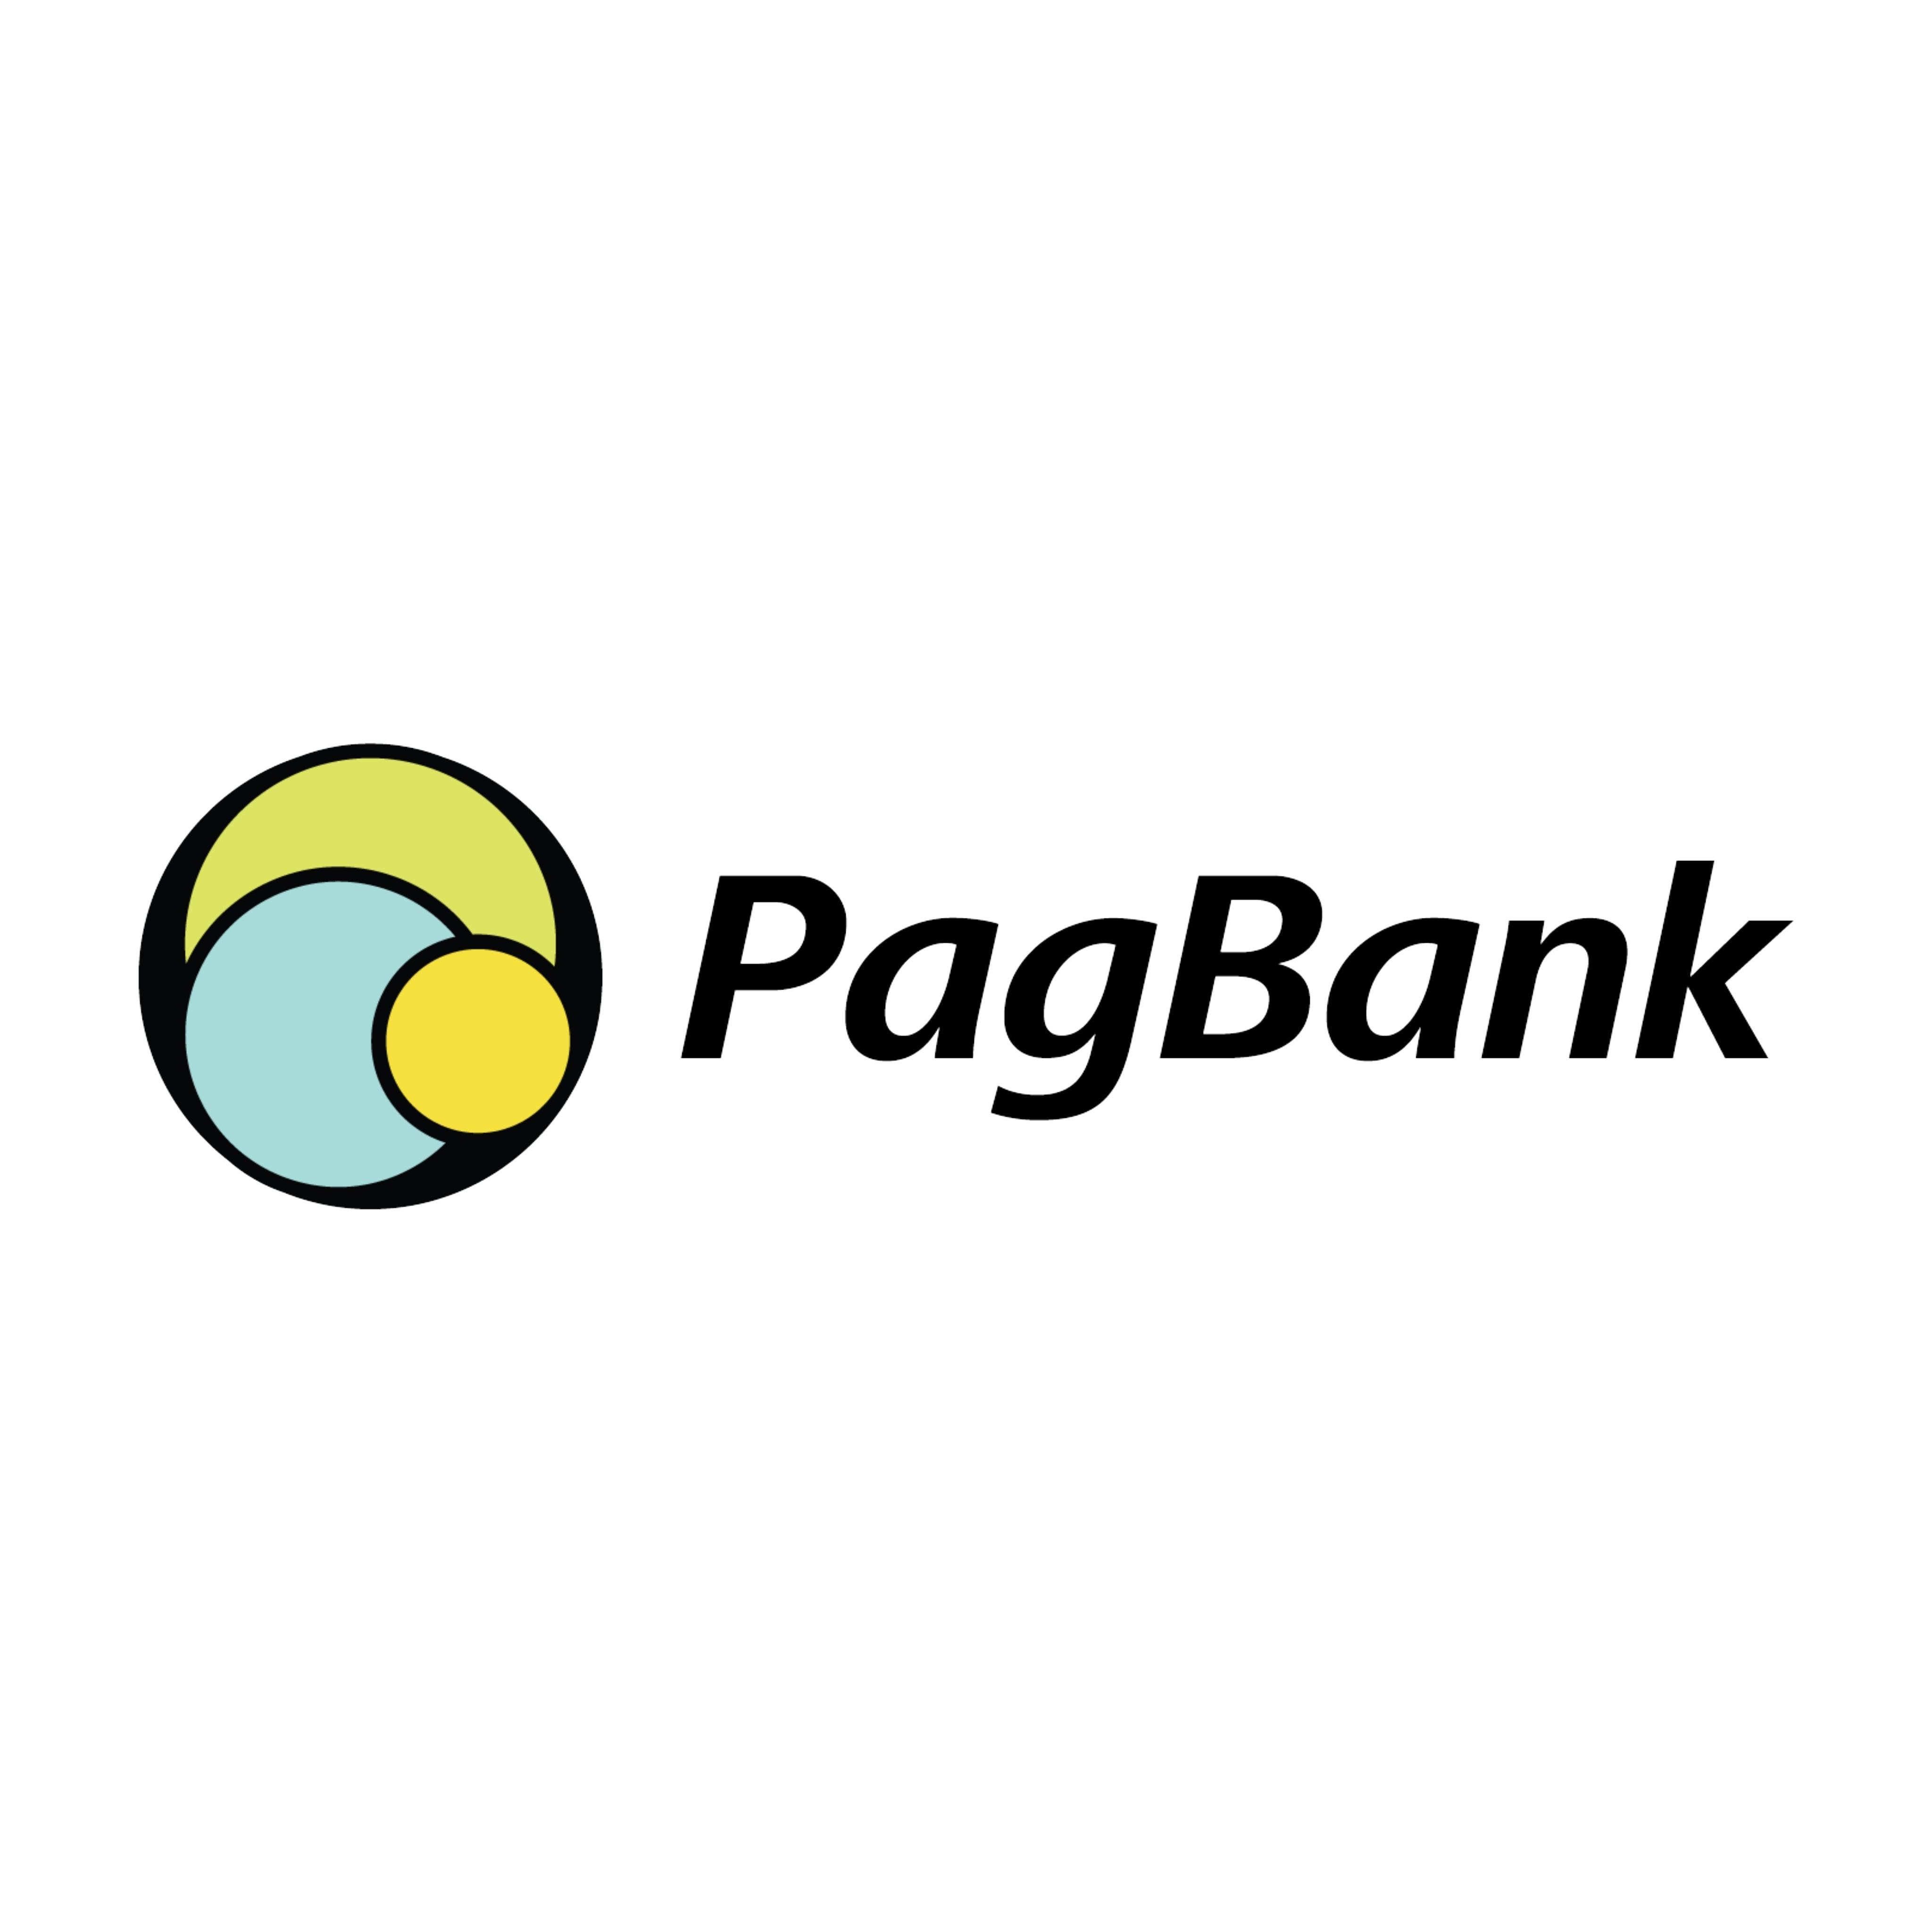 Pag Bank